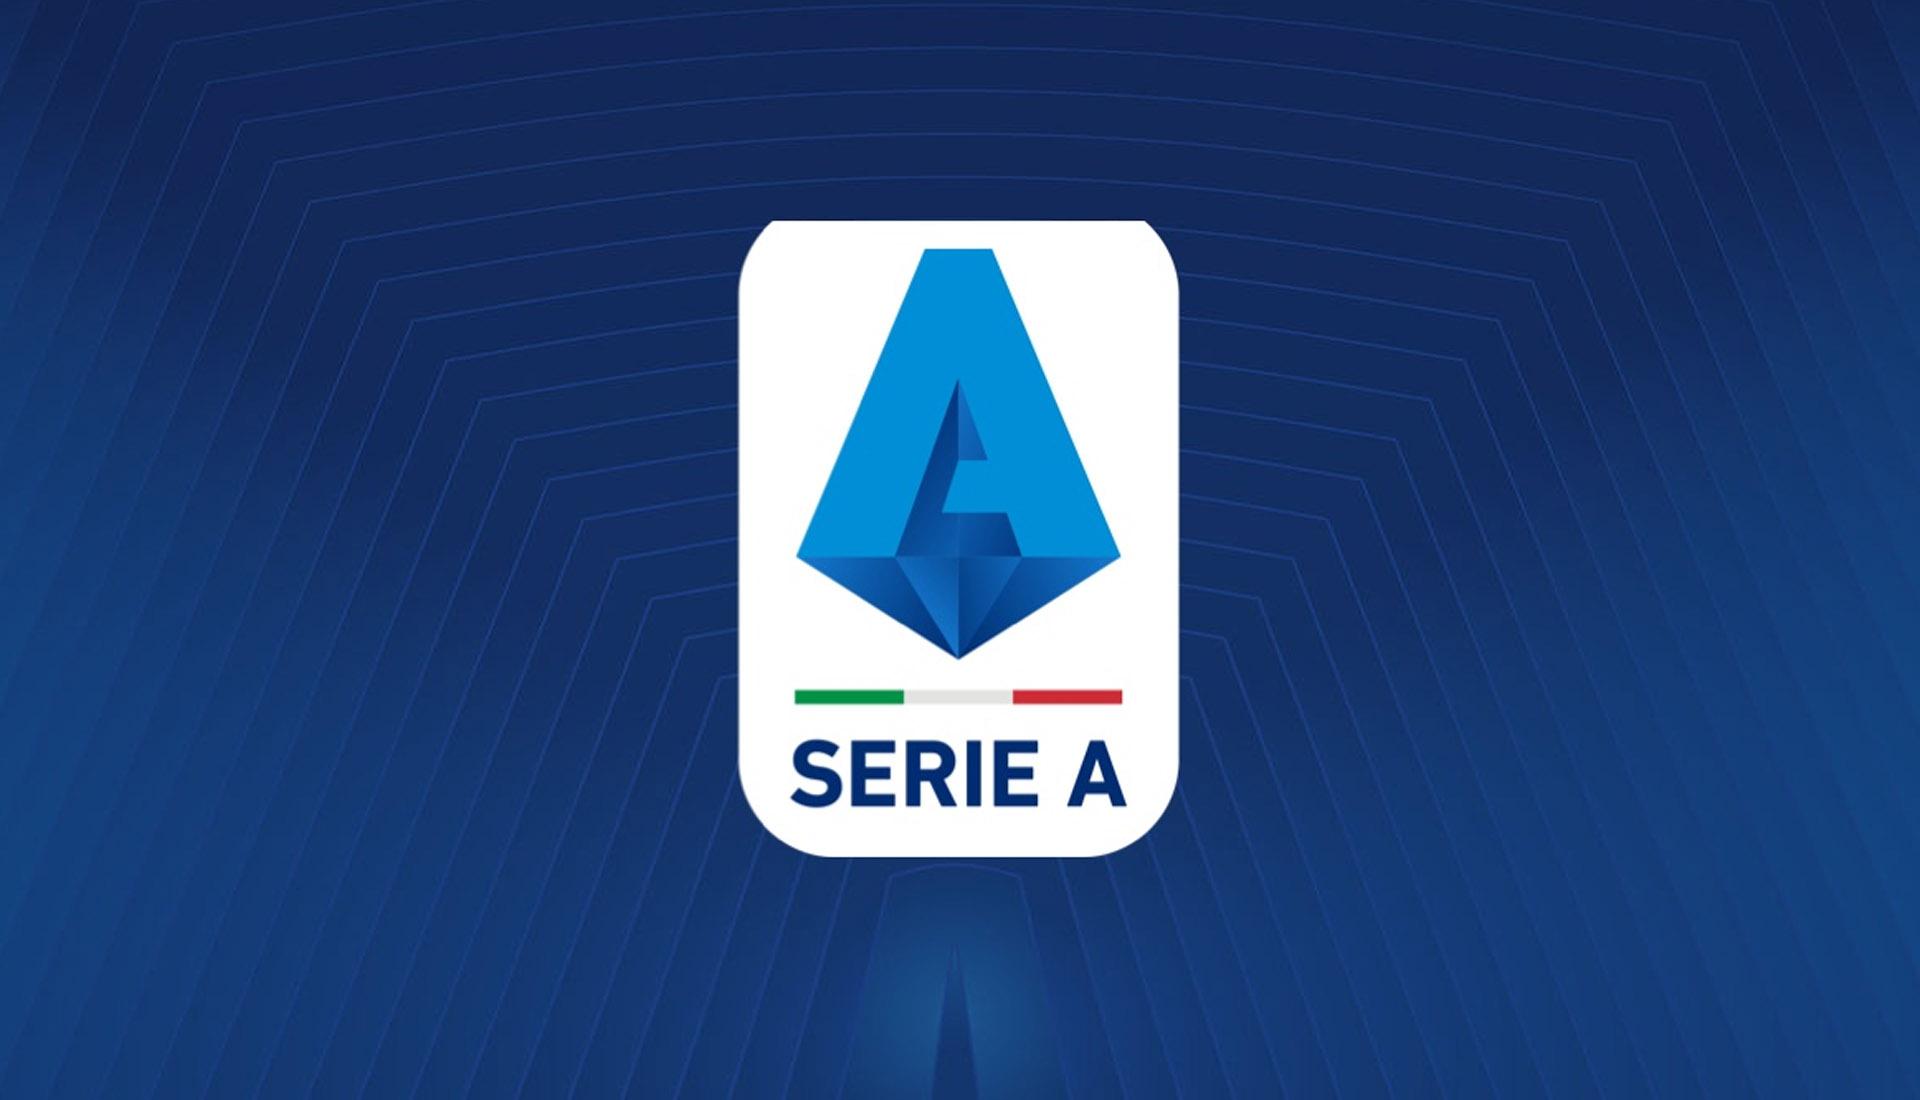 Serie A 19/20